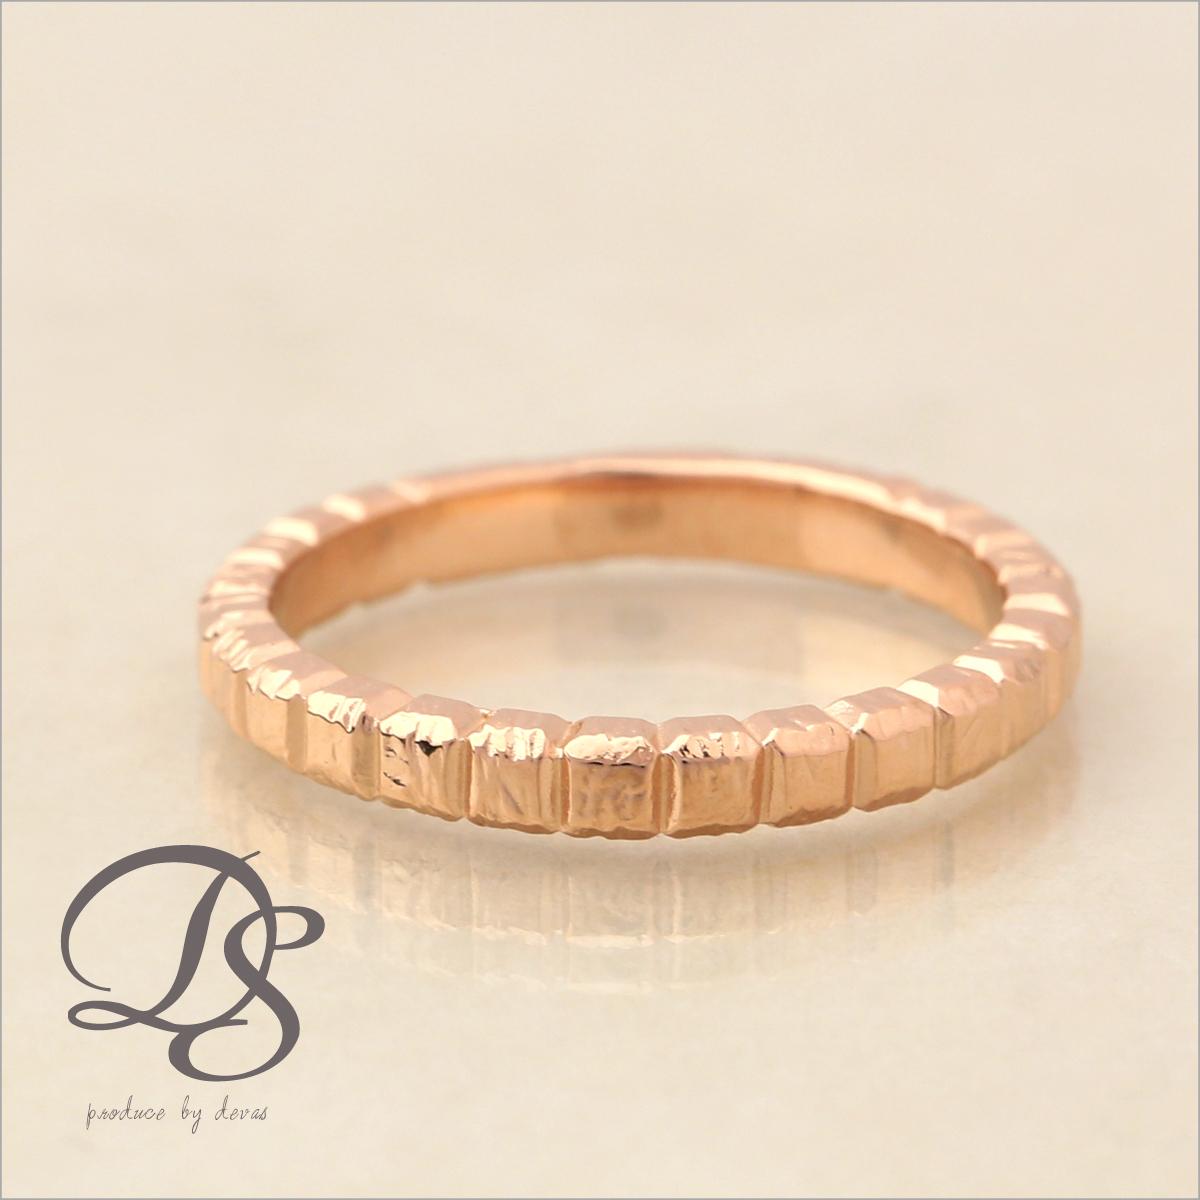 ピンクゴールド 18金 リング レディース 18k 指輪 メンズ ピンクゴールド リング K18 PGブロックデザイン(L) シンプル 無機質誕生日 ギフト プレゼント 贈り物 妻 彼女 ペアリング 結婚指輪DEVAS ディーヴァス